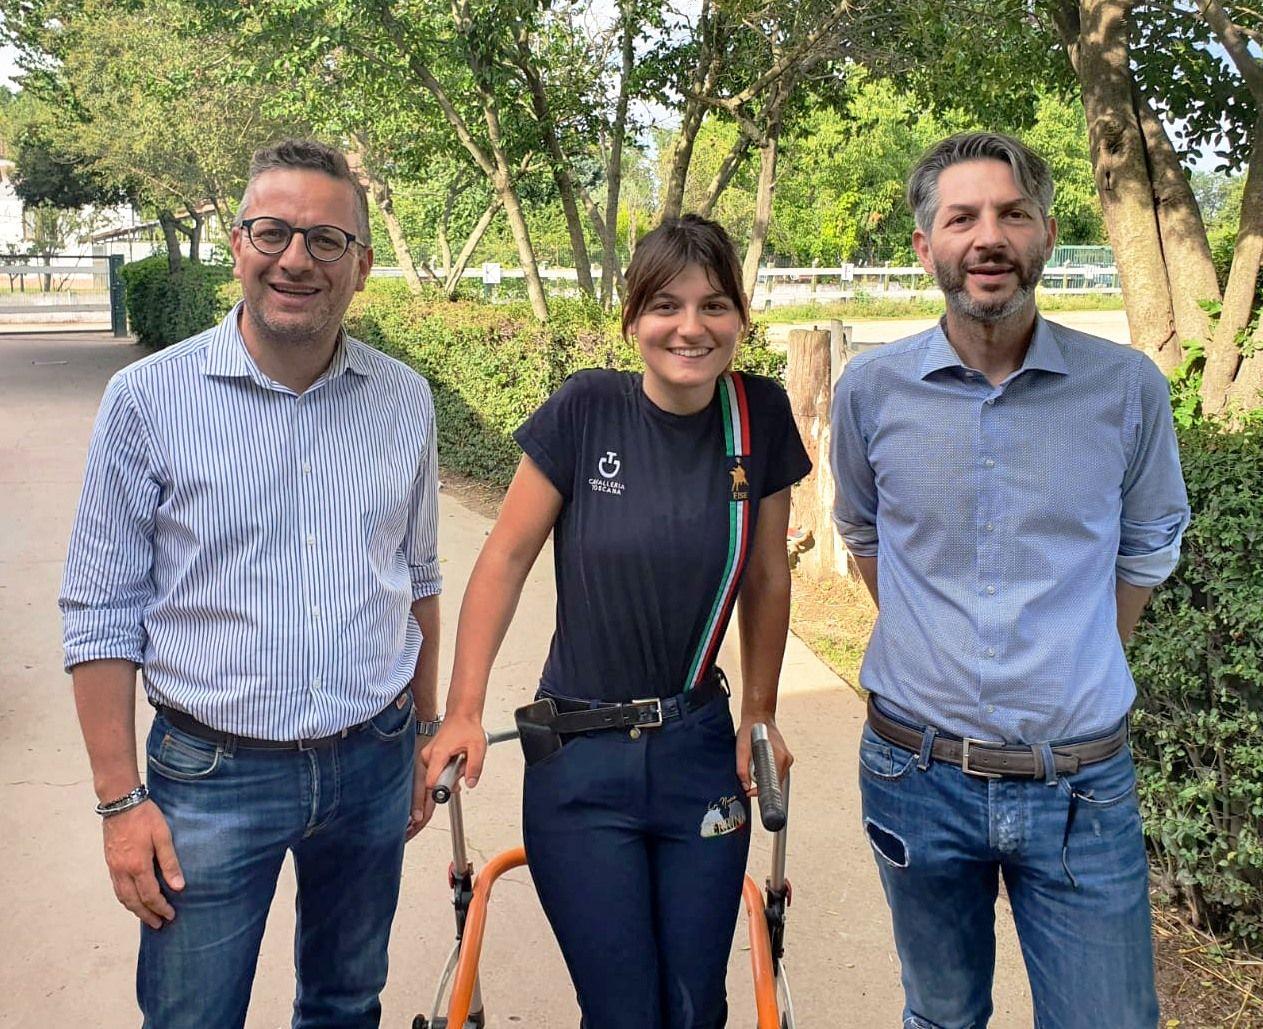 RIVALTA - In bocca al lupo a Carola Semperboni che dal 24 agosto sarà ai Giochi Paralimpici di Tokyo